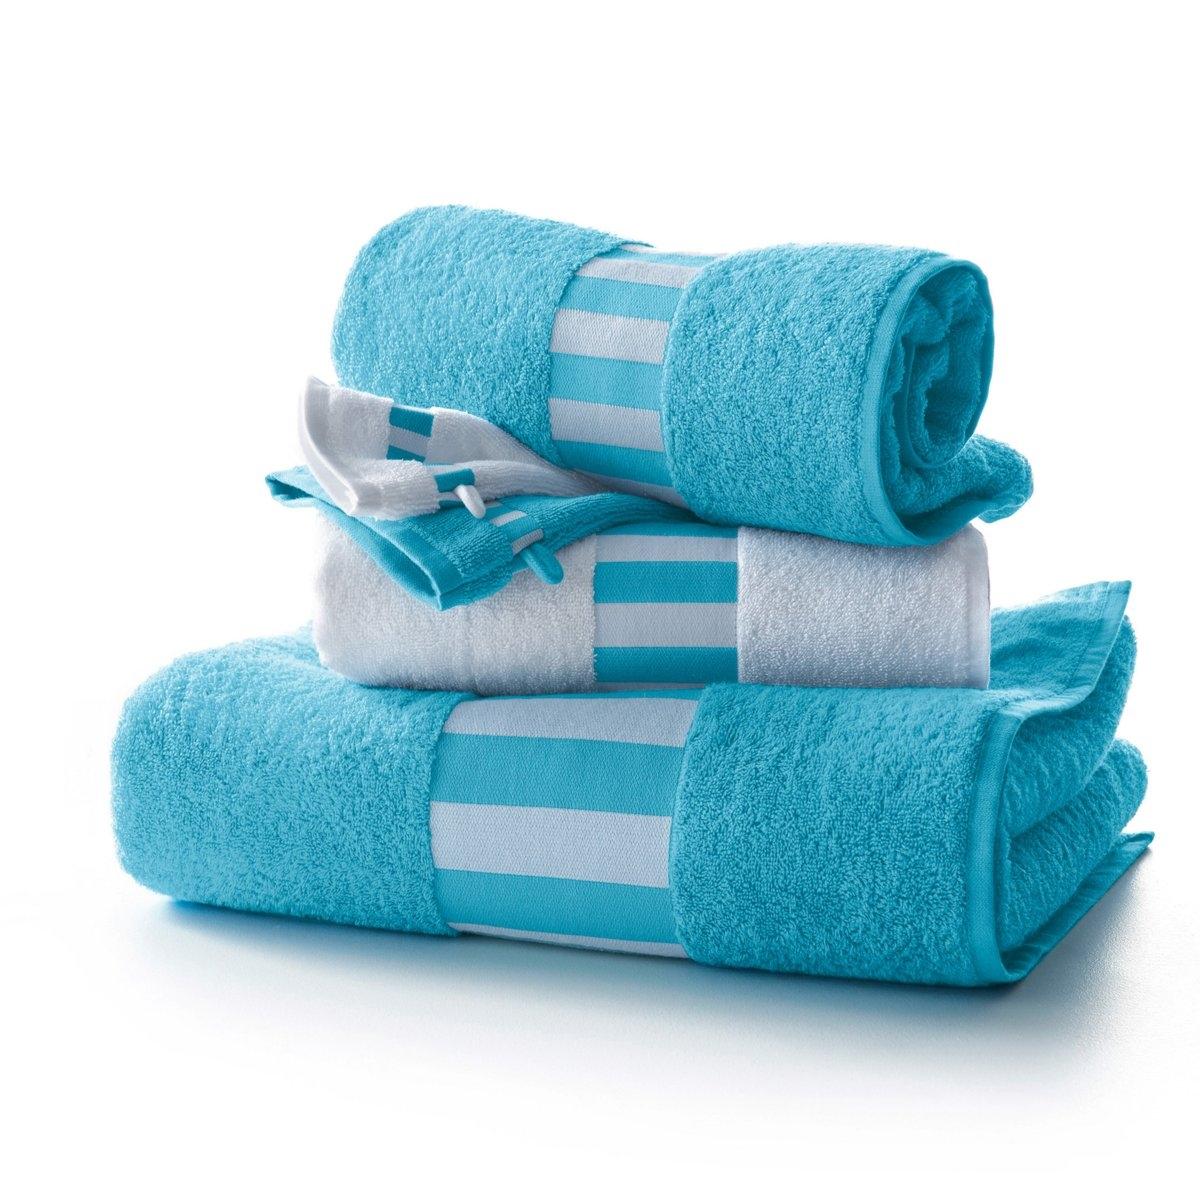 Комплект для ванной LA REDOUTEСтильный комплект из 5 предметов для ванной: 1 однотонное банное полотенце70 х 140 см + 2 полотенца в широкую вертикальную полоску 50 х 100 см + 2 однотонные банные рукавички 15 х 21 см. Мягкая и прочная махровая ткань, 100% хлопка, 420 г/м?. Превосходная стойкость цвета. Машинная стирка при 60°, машинная сушка.<br><br>Цвет: бирюзовый/ белый